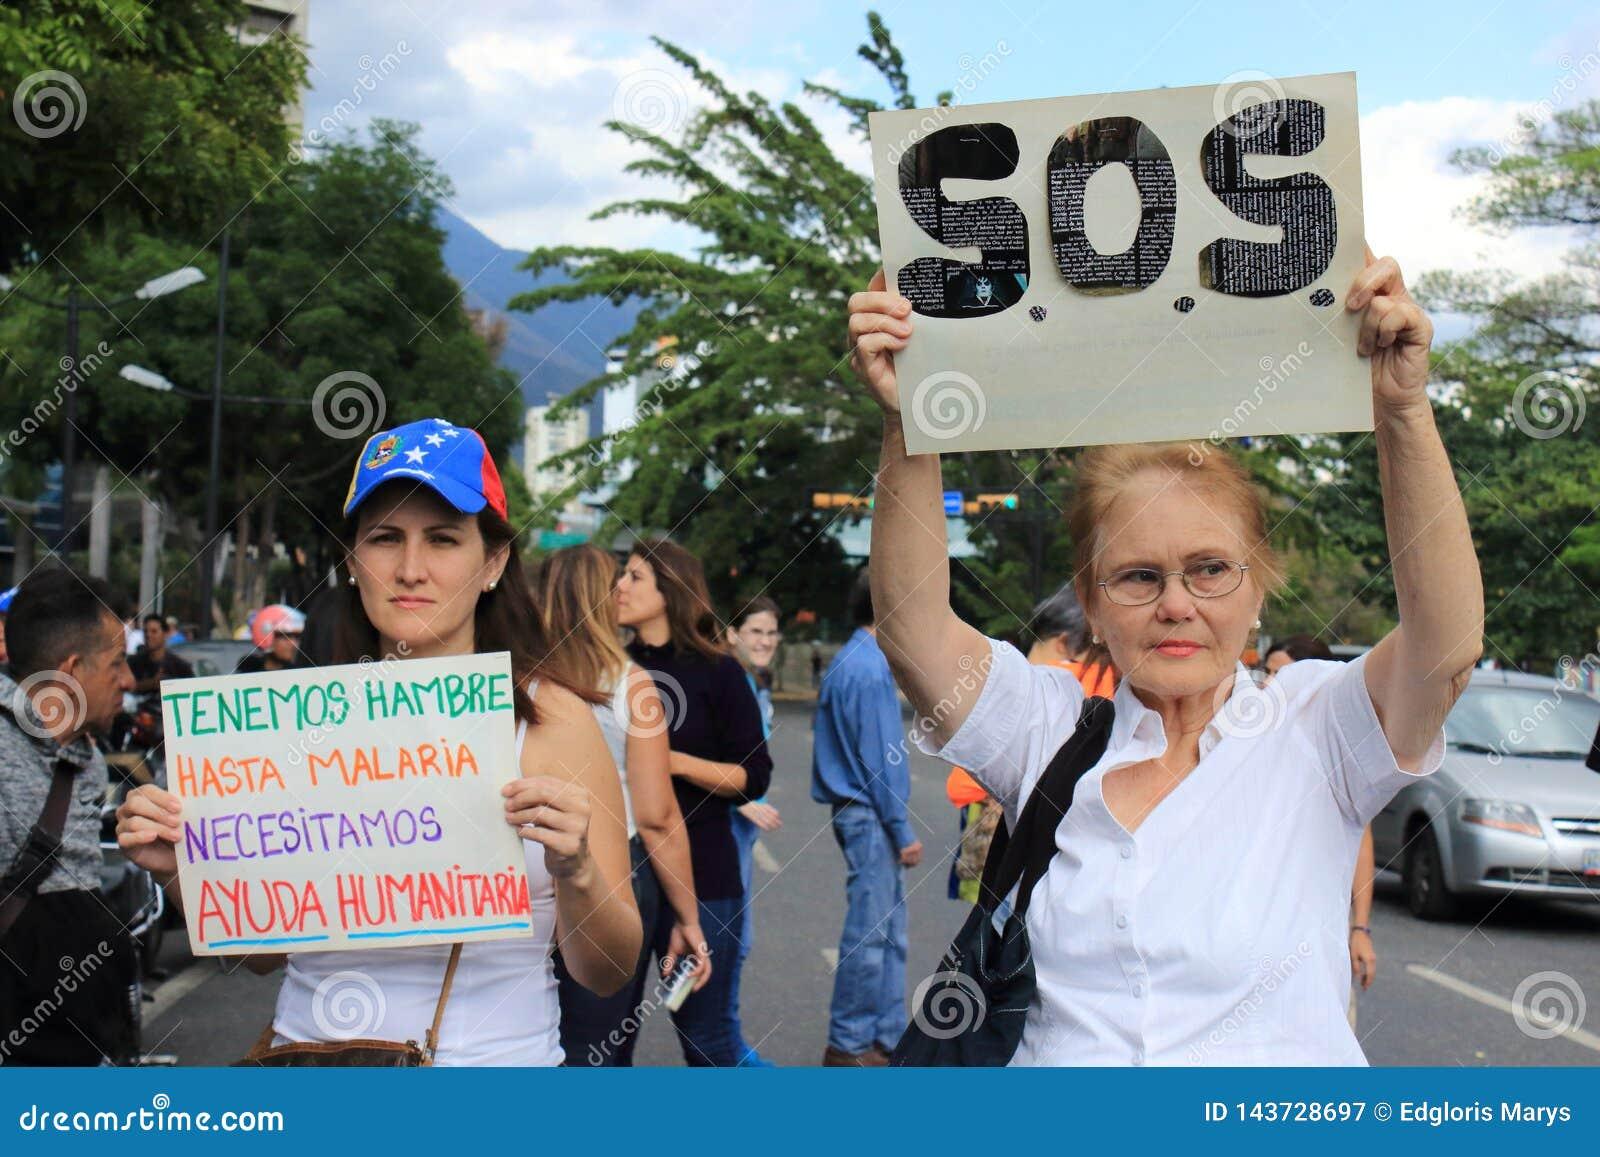 Cortes de energia da Venezuela: Os protestos estoiram na Venezuela sobre o escurecimento